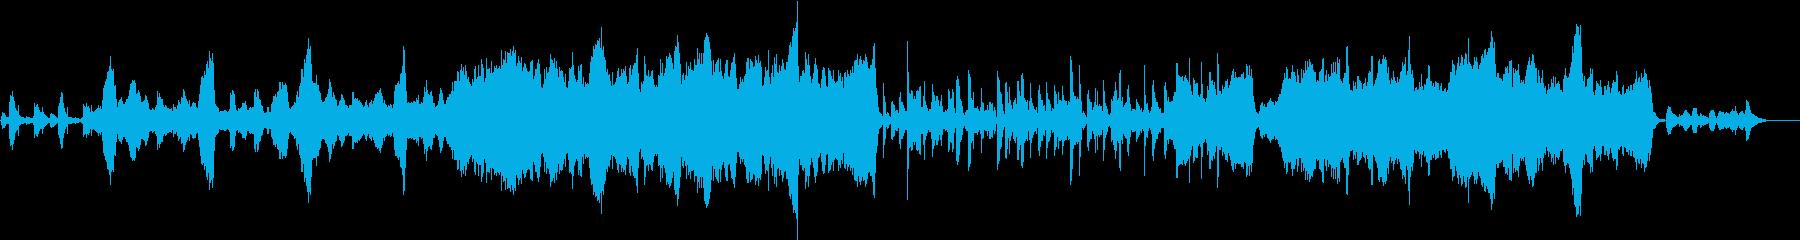 グリーンスリーブス(弦楽四重奏)の再生済みの波形